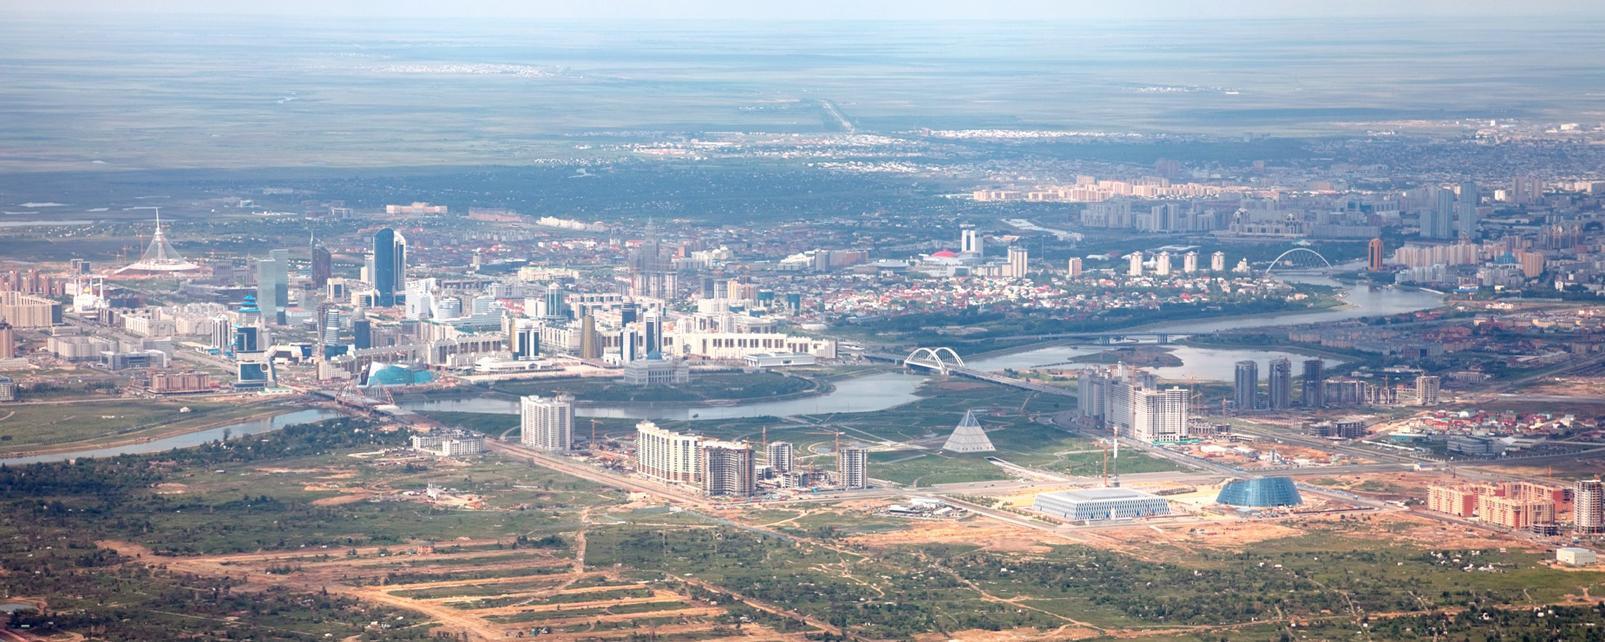 Wetter Astana Kasachstan